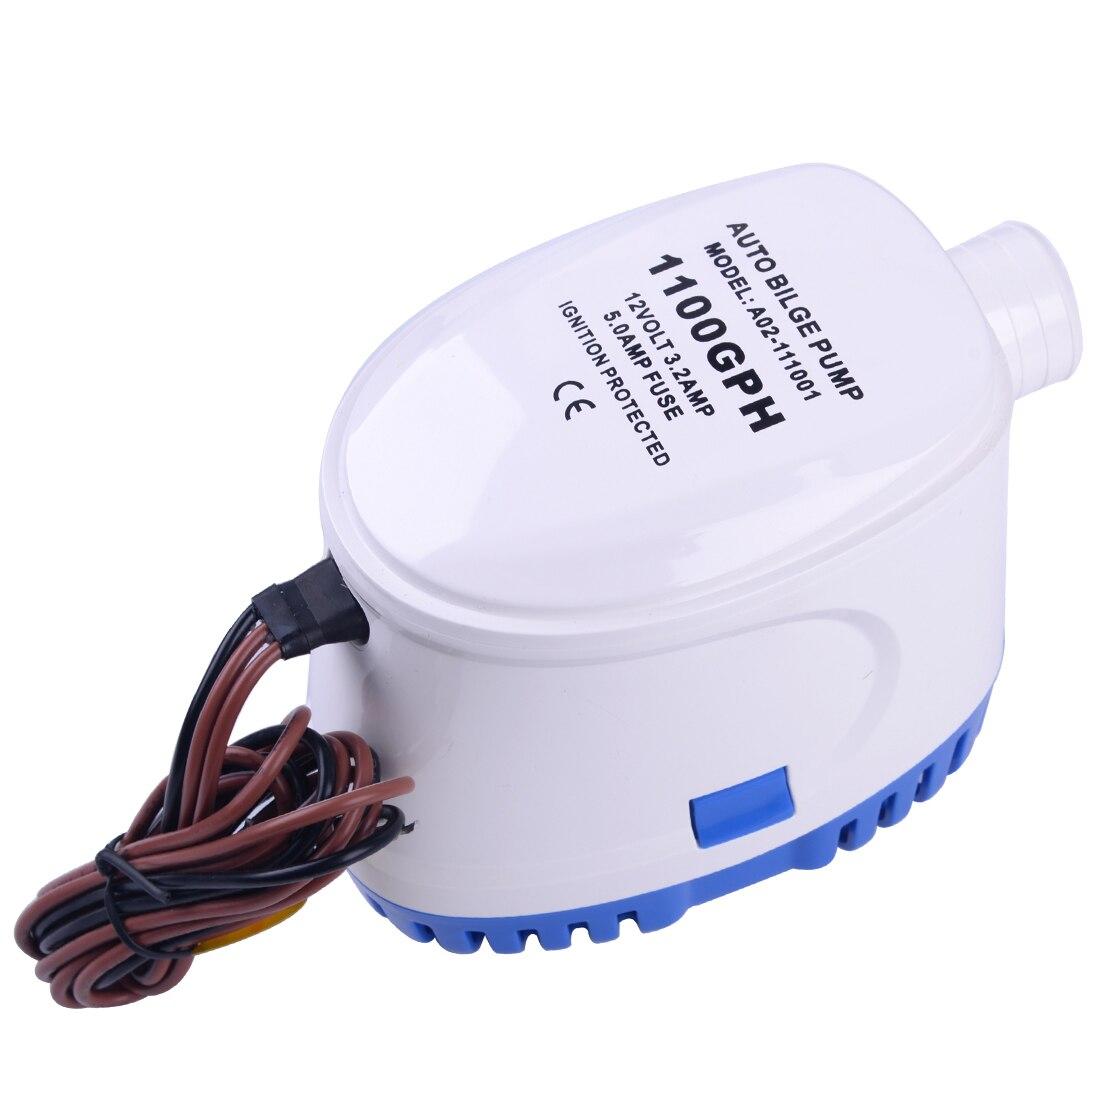 Pompe à eau automatique Submersible Marine de cale de 12 V 1100GPH 3.2A avec le commutateur de flotteur pour les coques de bateau/réservoirs d'appât de cale